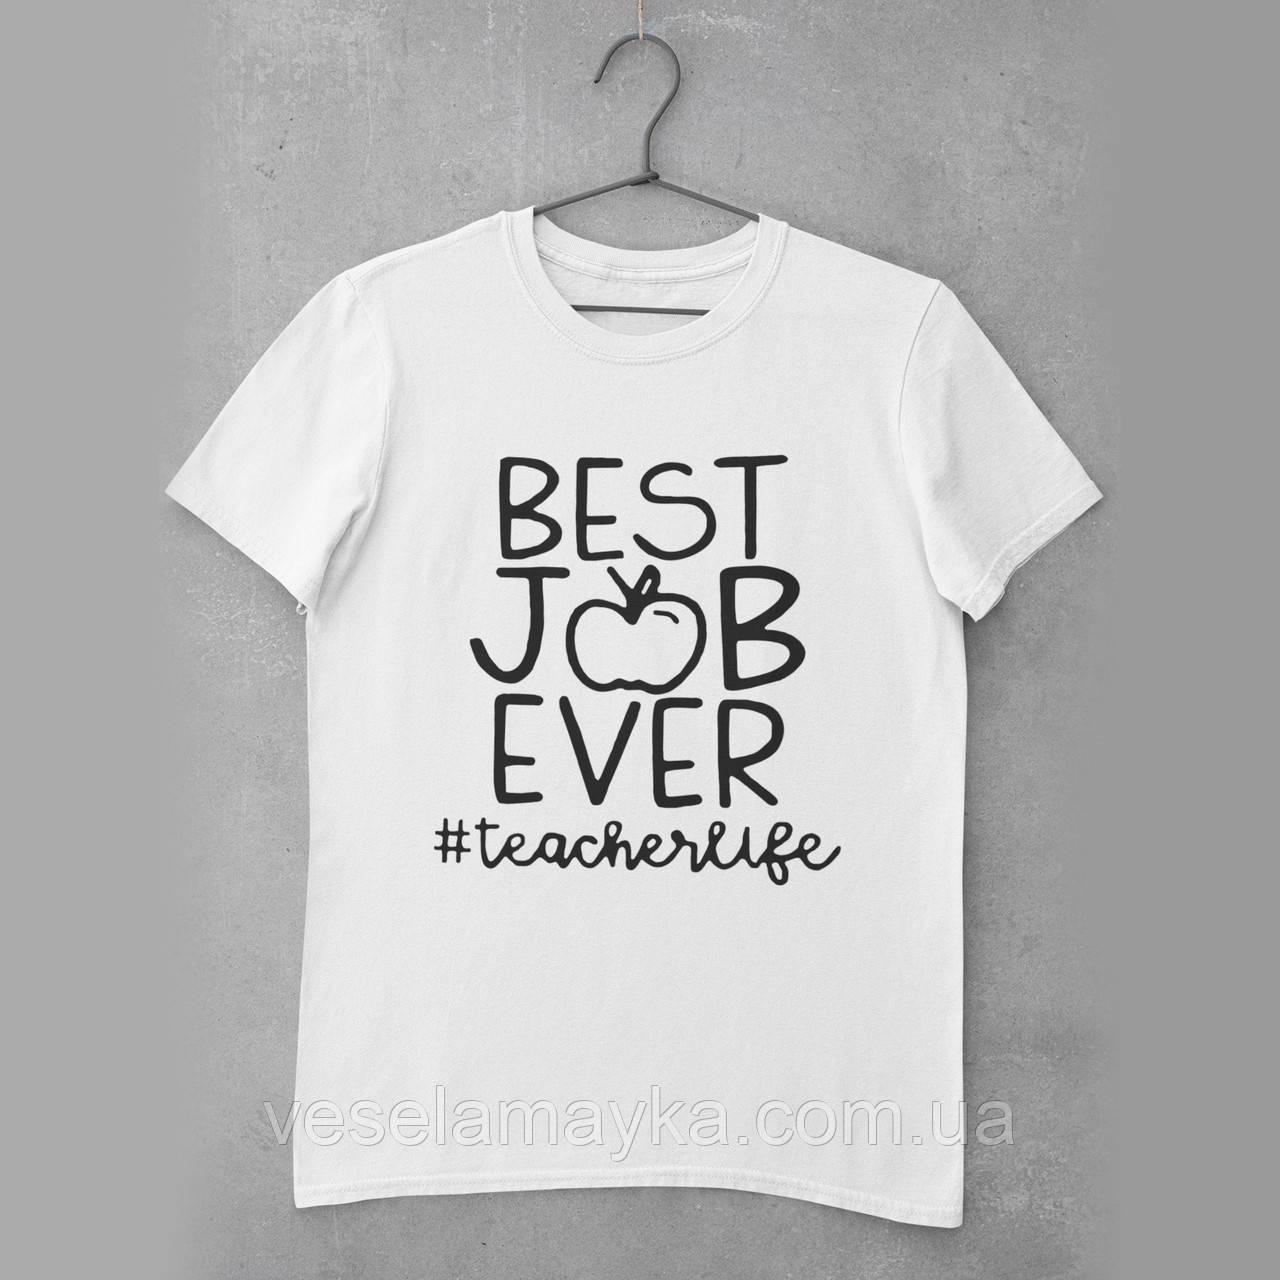 Футболка Для учителя (Best Job)